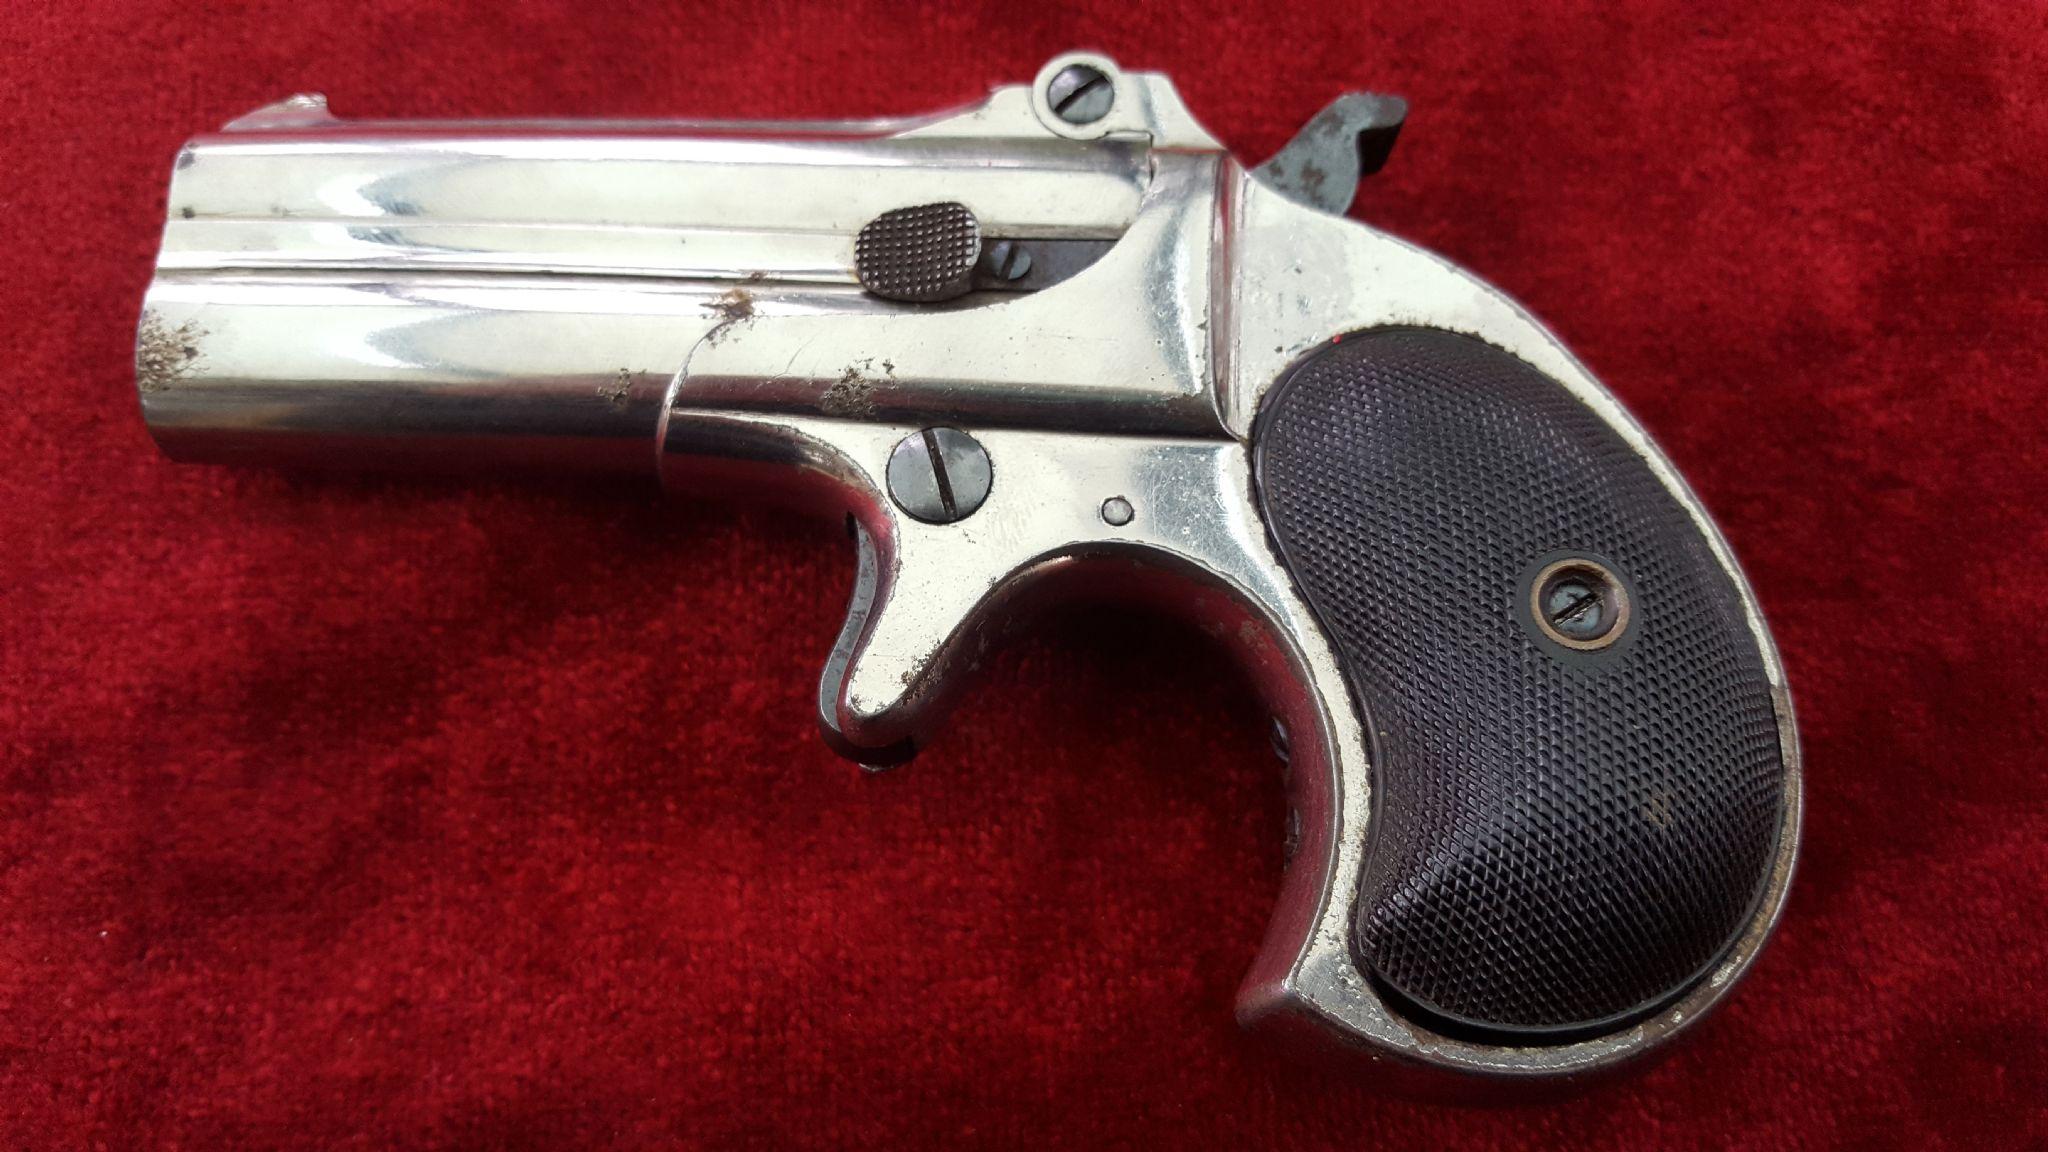 X X X SOLD X X X A good antique Remington  41 rimfire double